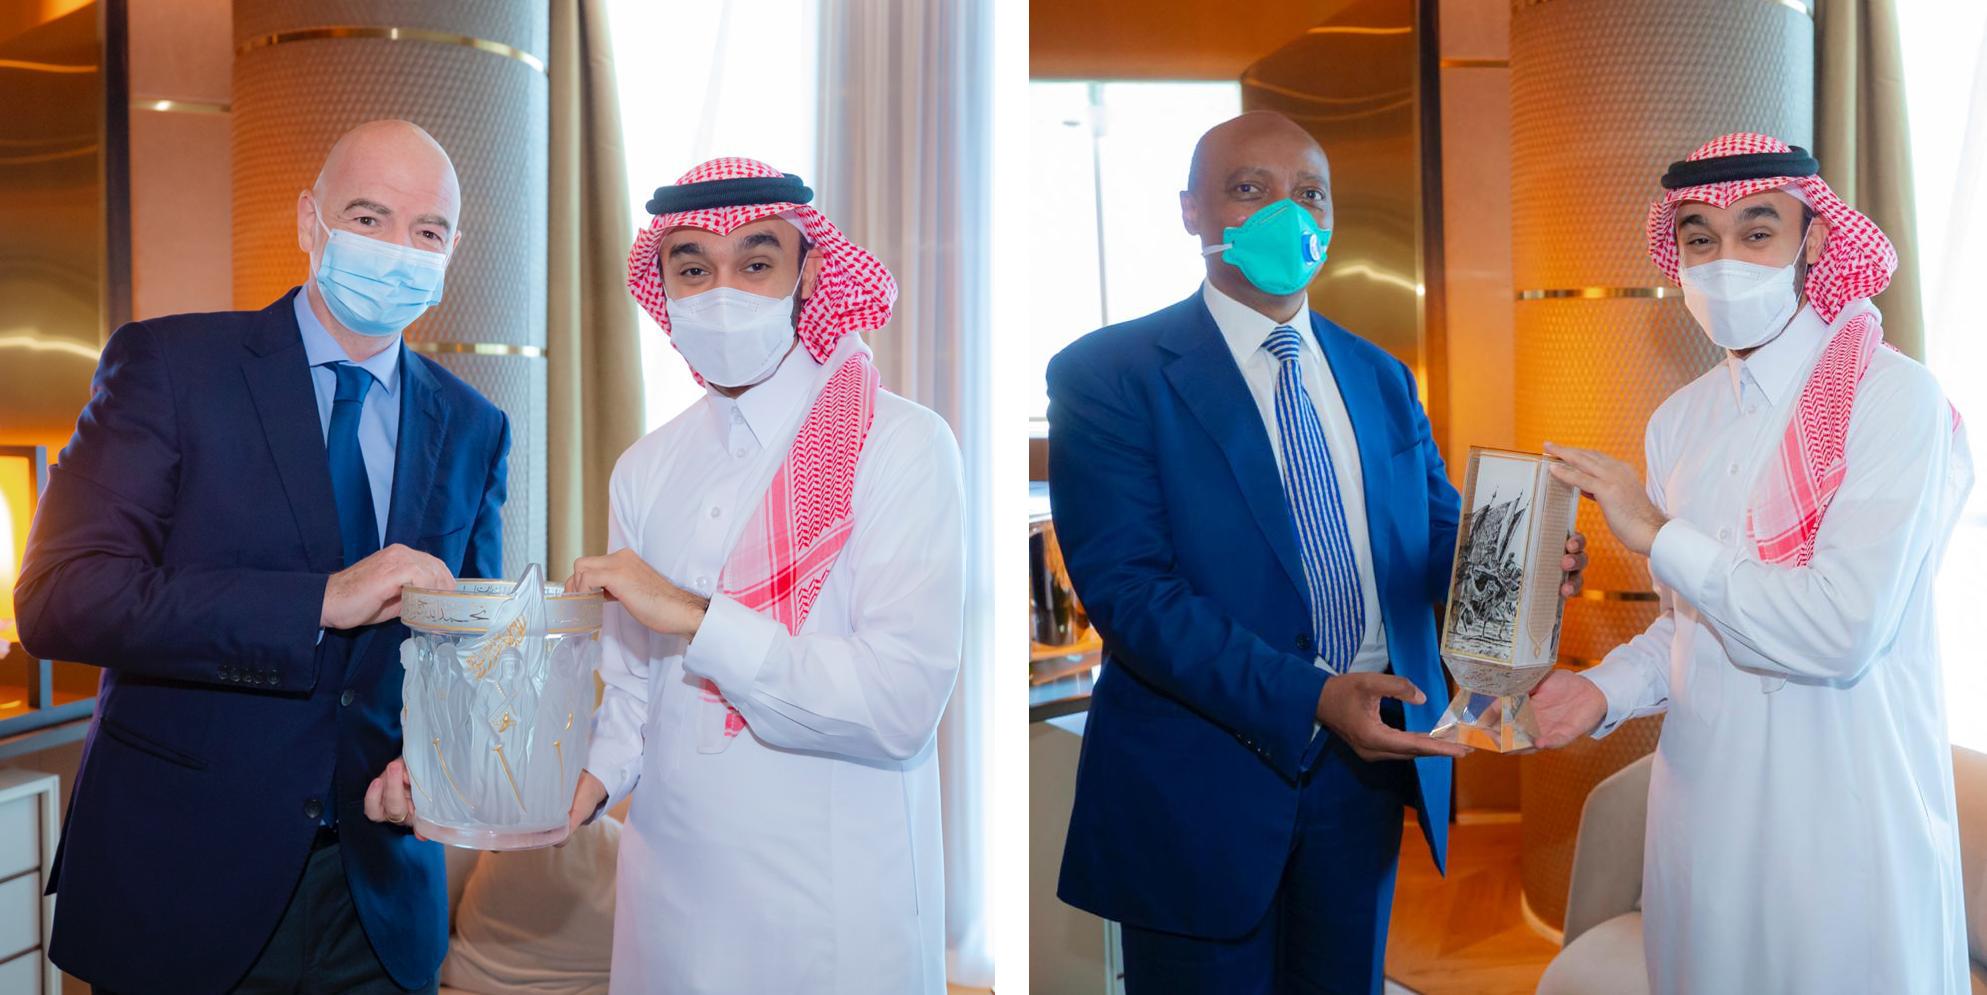 رئيس الاتحاد العربي التقى بإينفانتينو وموتسيبي